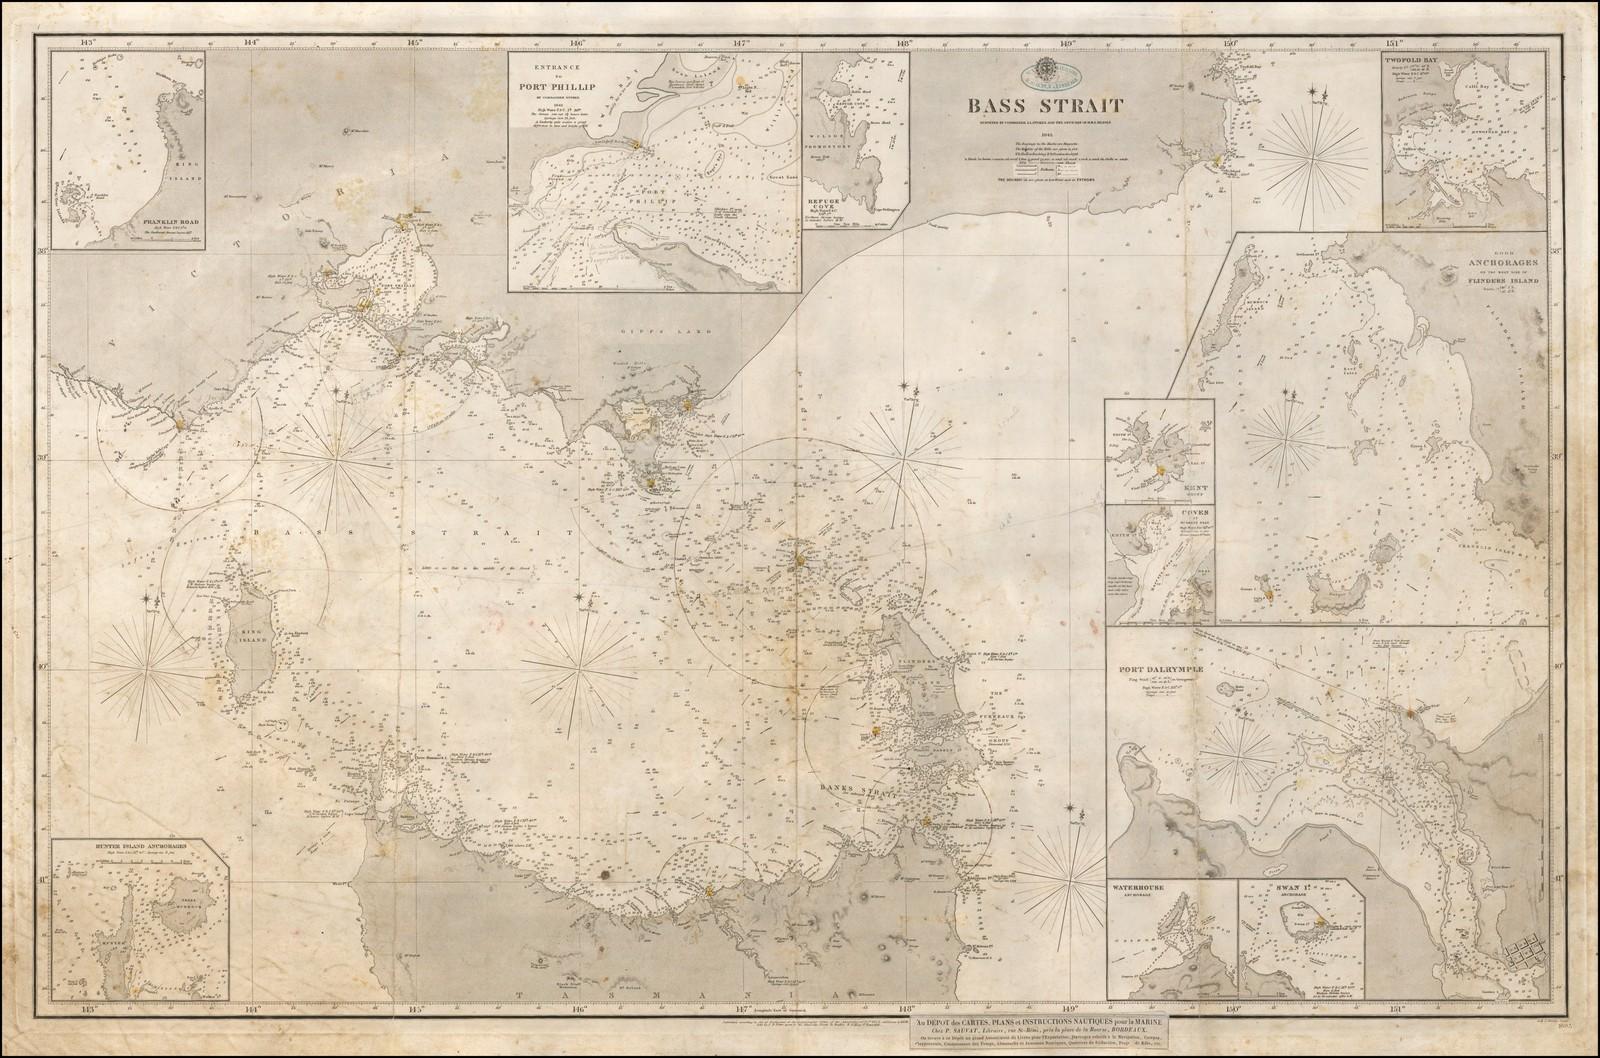 Аннотированный пример издания 1843 года британской Адмиралтейской карты с проливом между Мельбурном и Тасманией